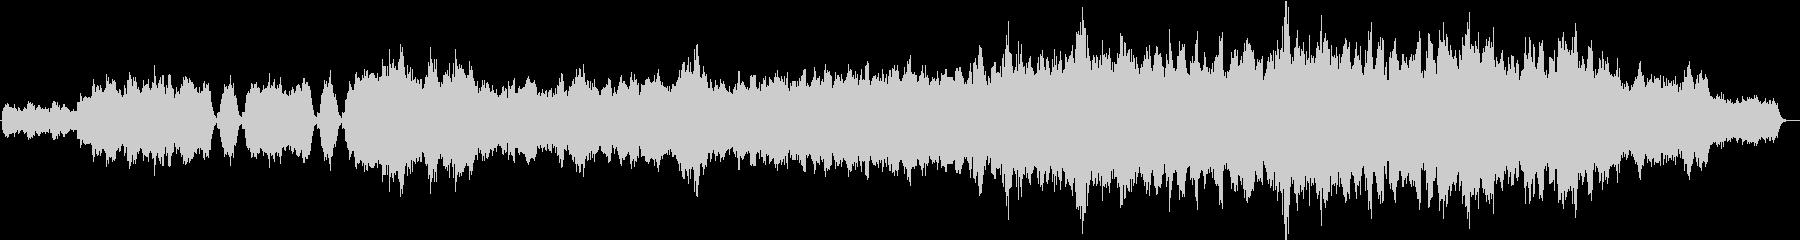 王道感動系BGMの未再生の波形